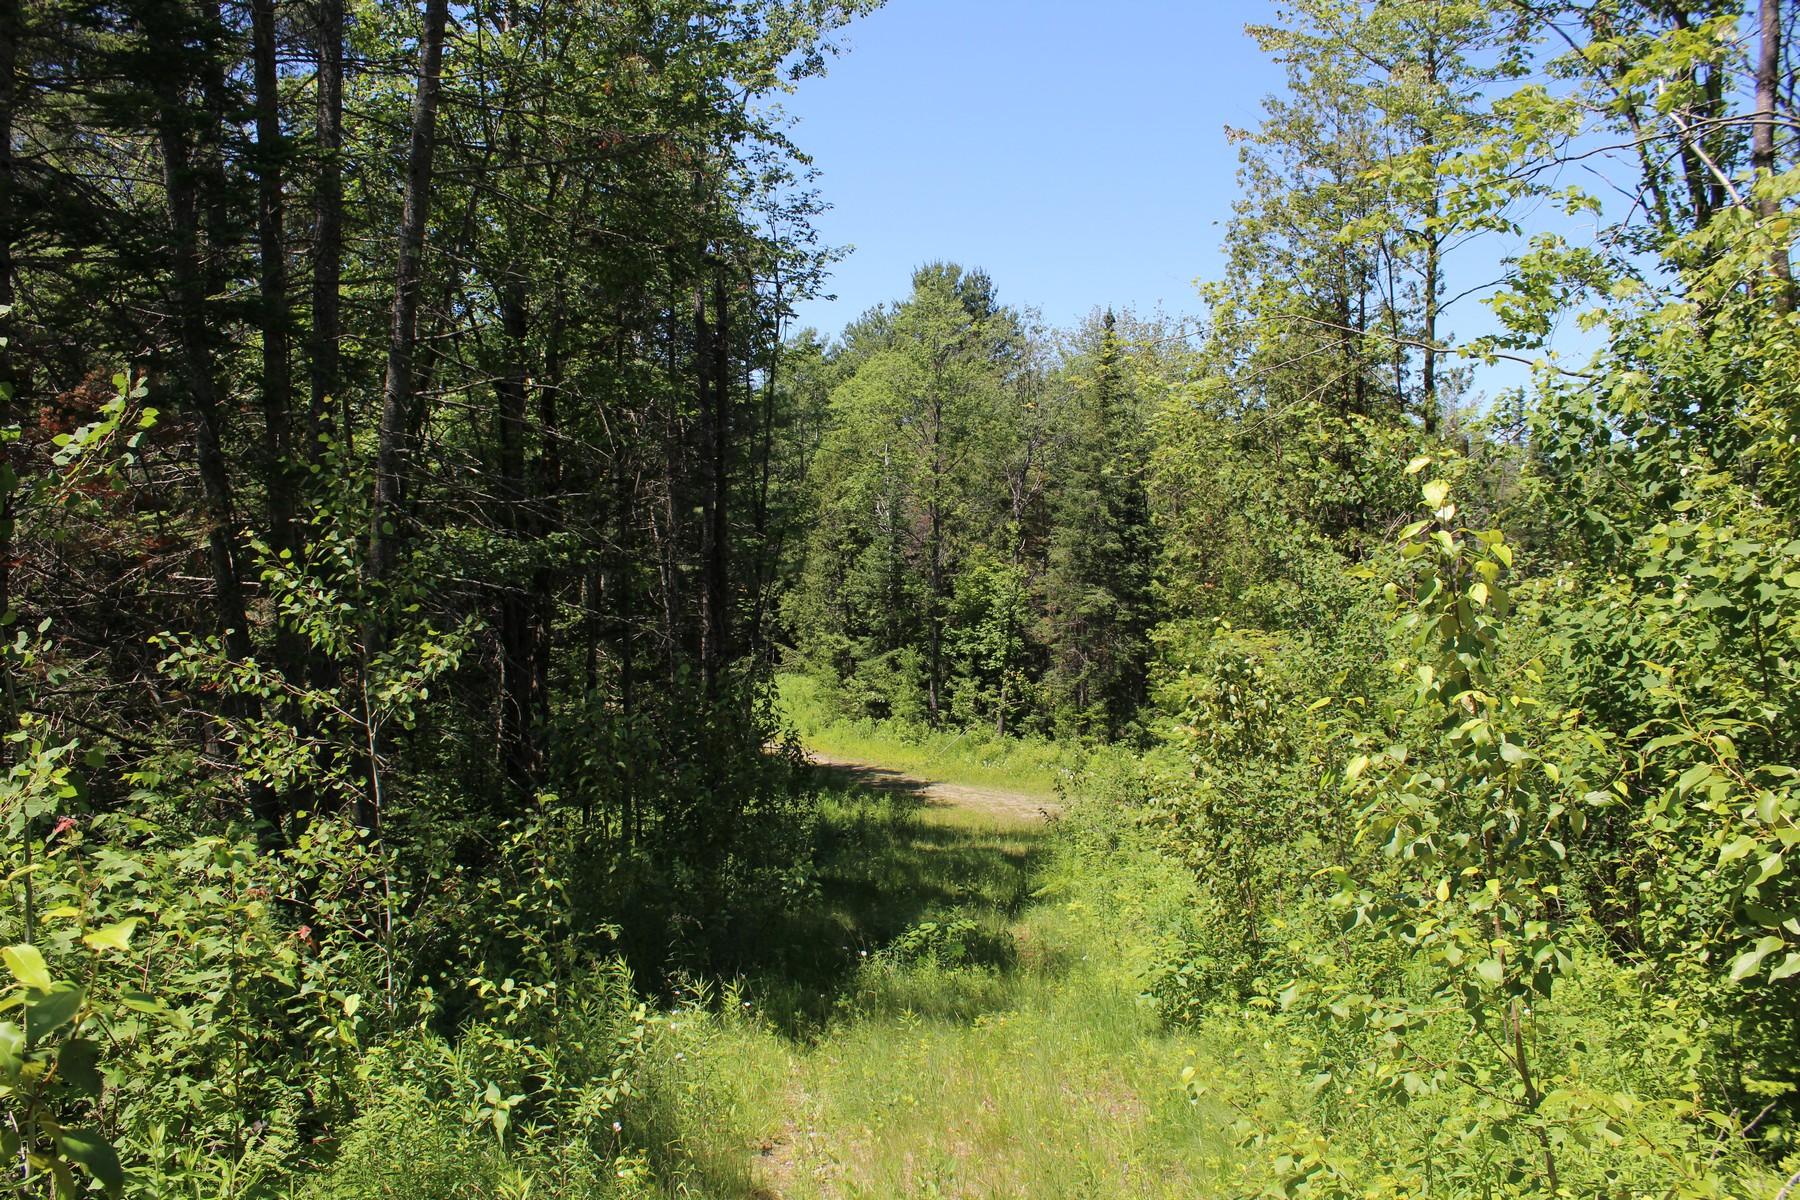 Terreno por un Venta en Rt # 58, Barton Barton, Vermont, 05860 Estados Unidos